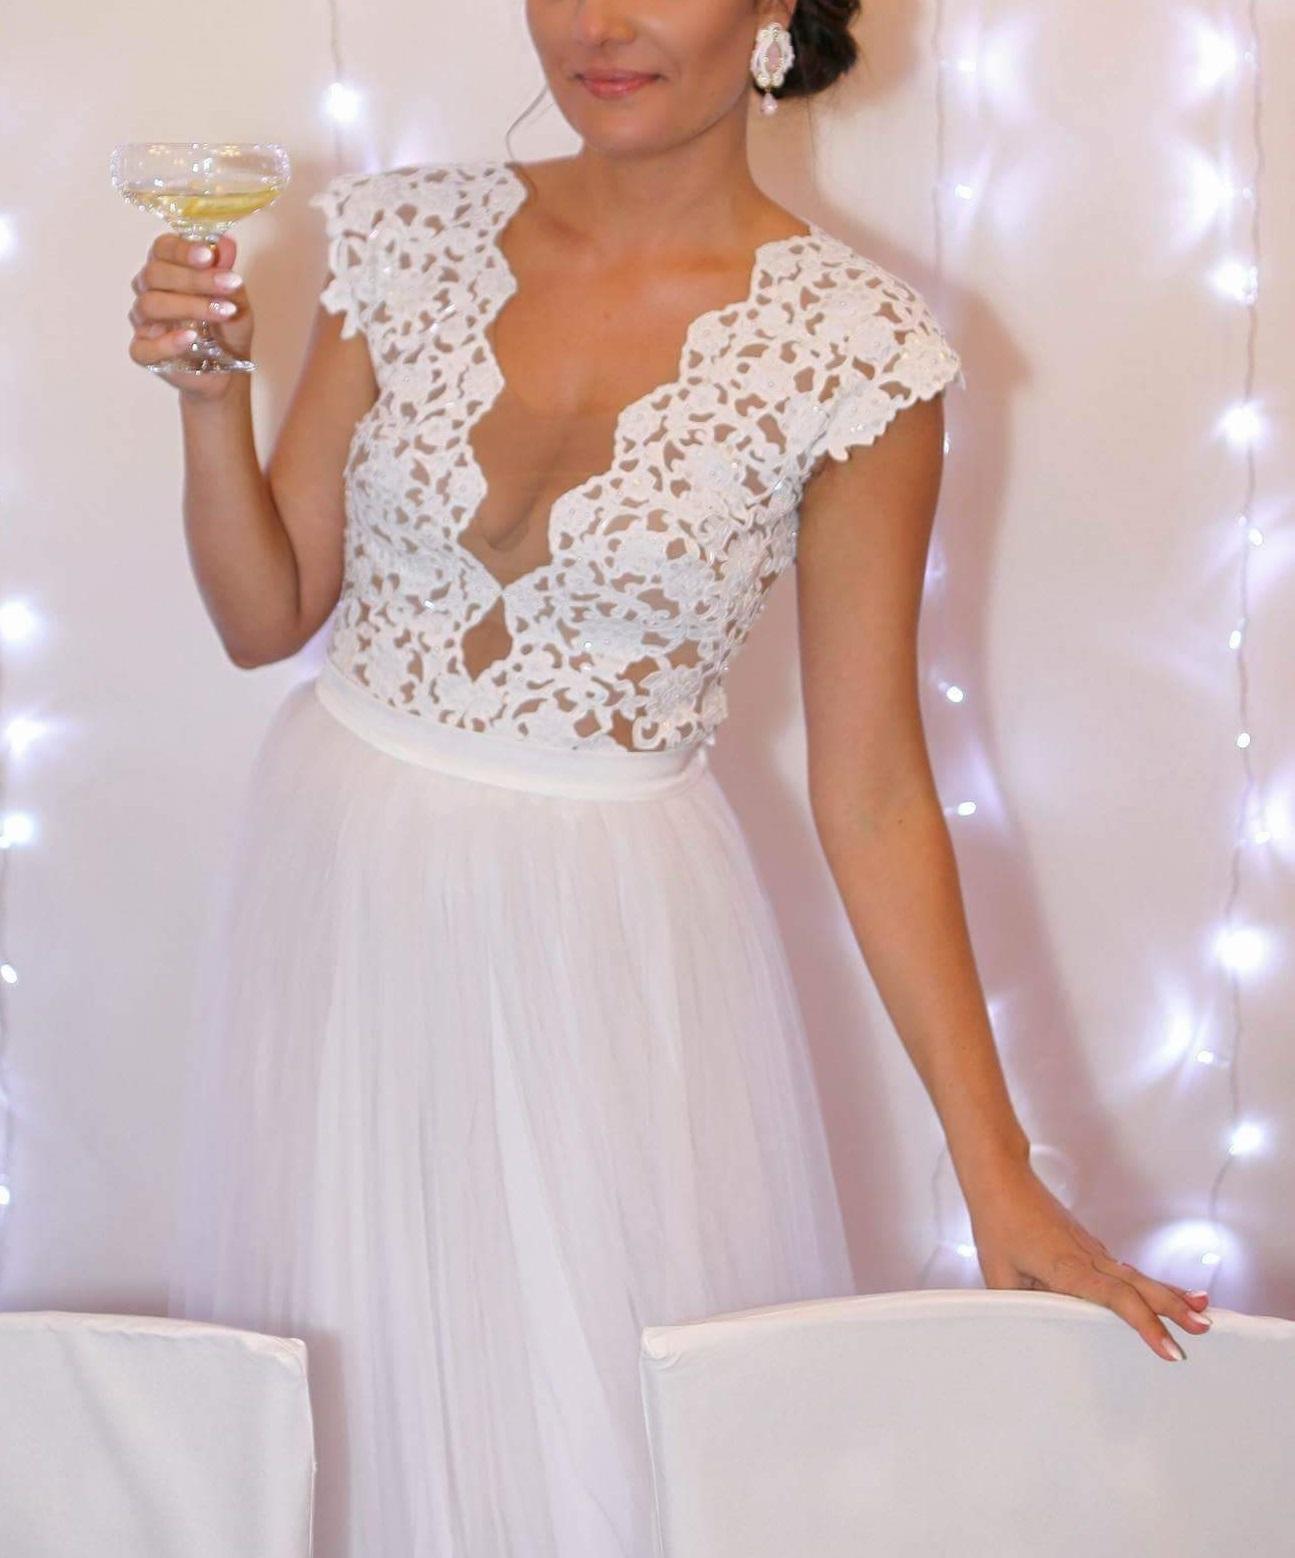 Luxusní svatební šaty 36/38 - Obrázek č. 1